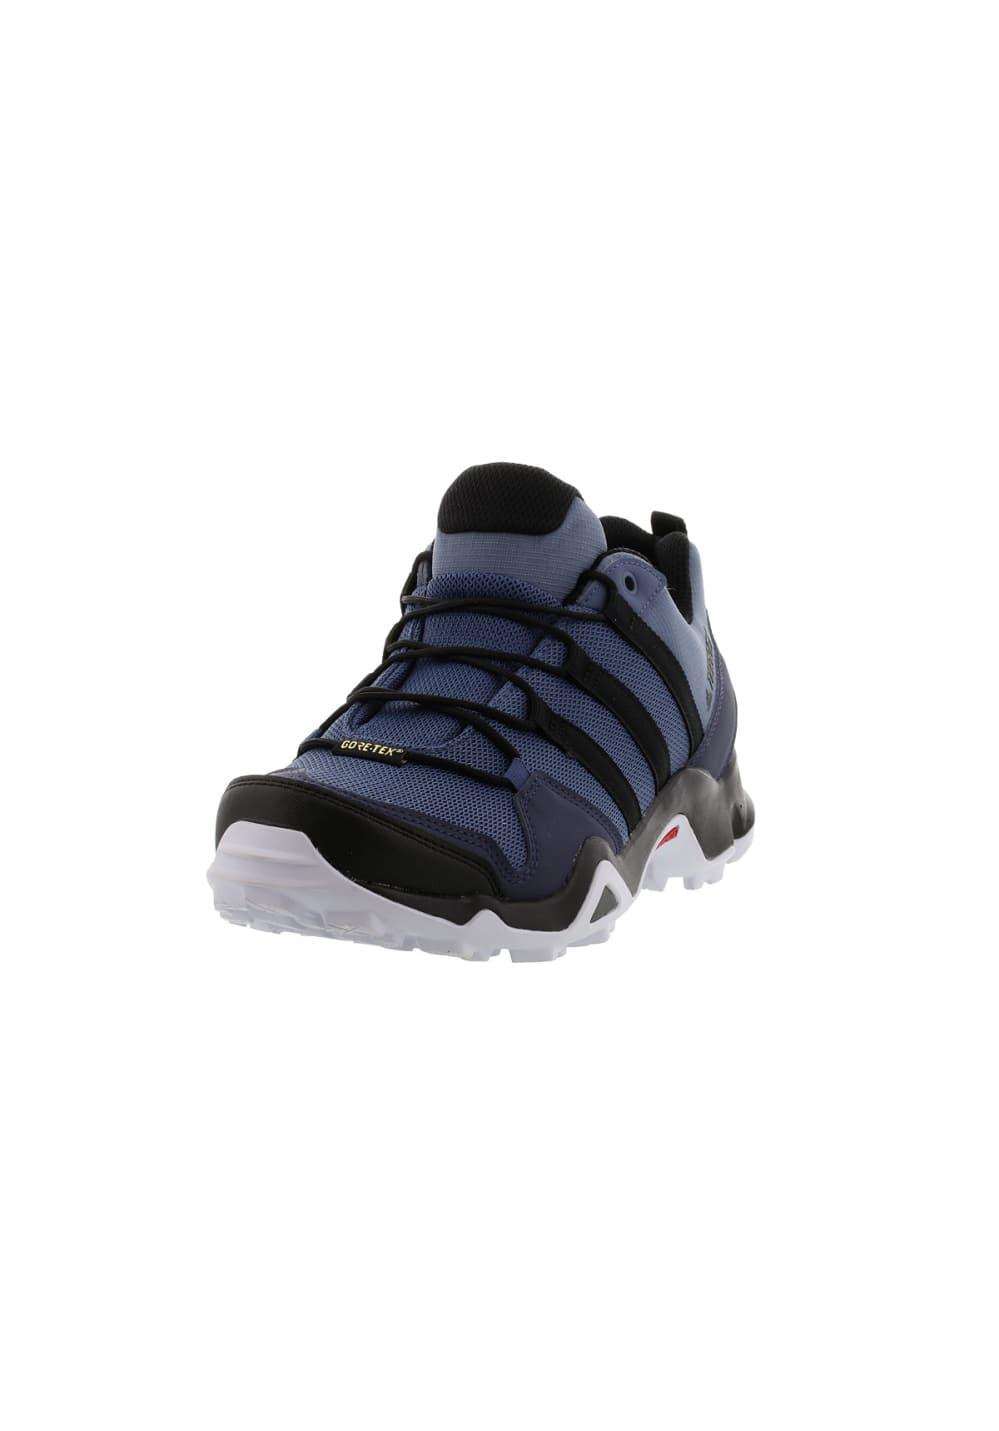 adidas TERREX Terrex Ax2r Gtx Chaussures randonnée pour Femme Bleu